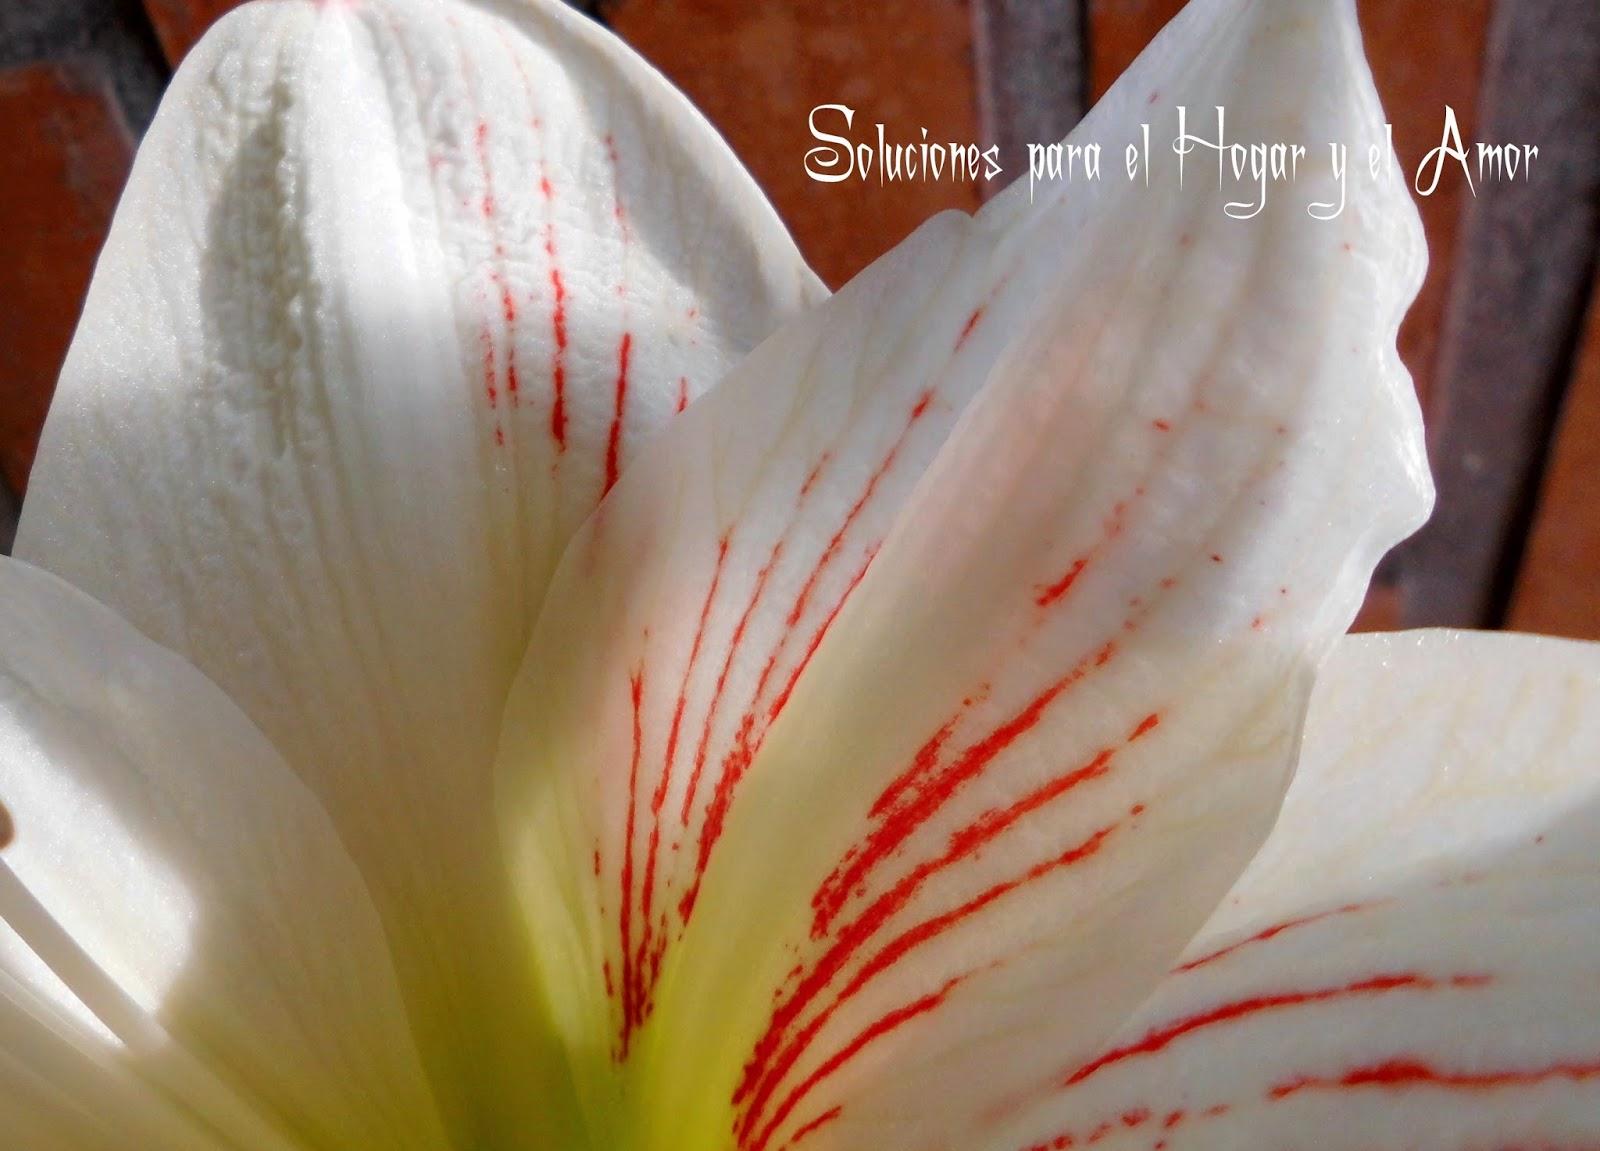 Amarilis del Perú, como cultivar el jardín, plantas y flores,